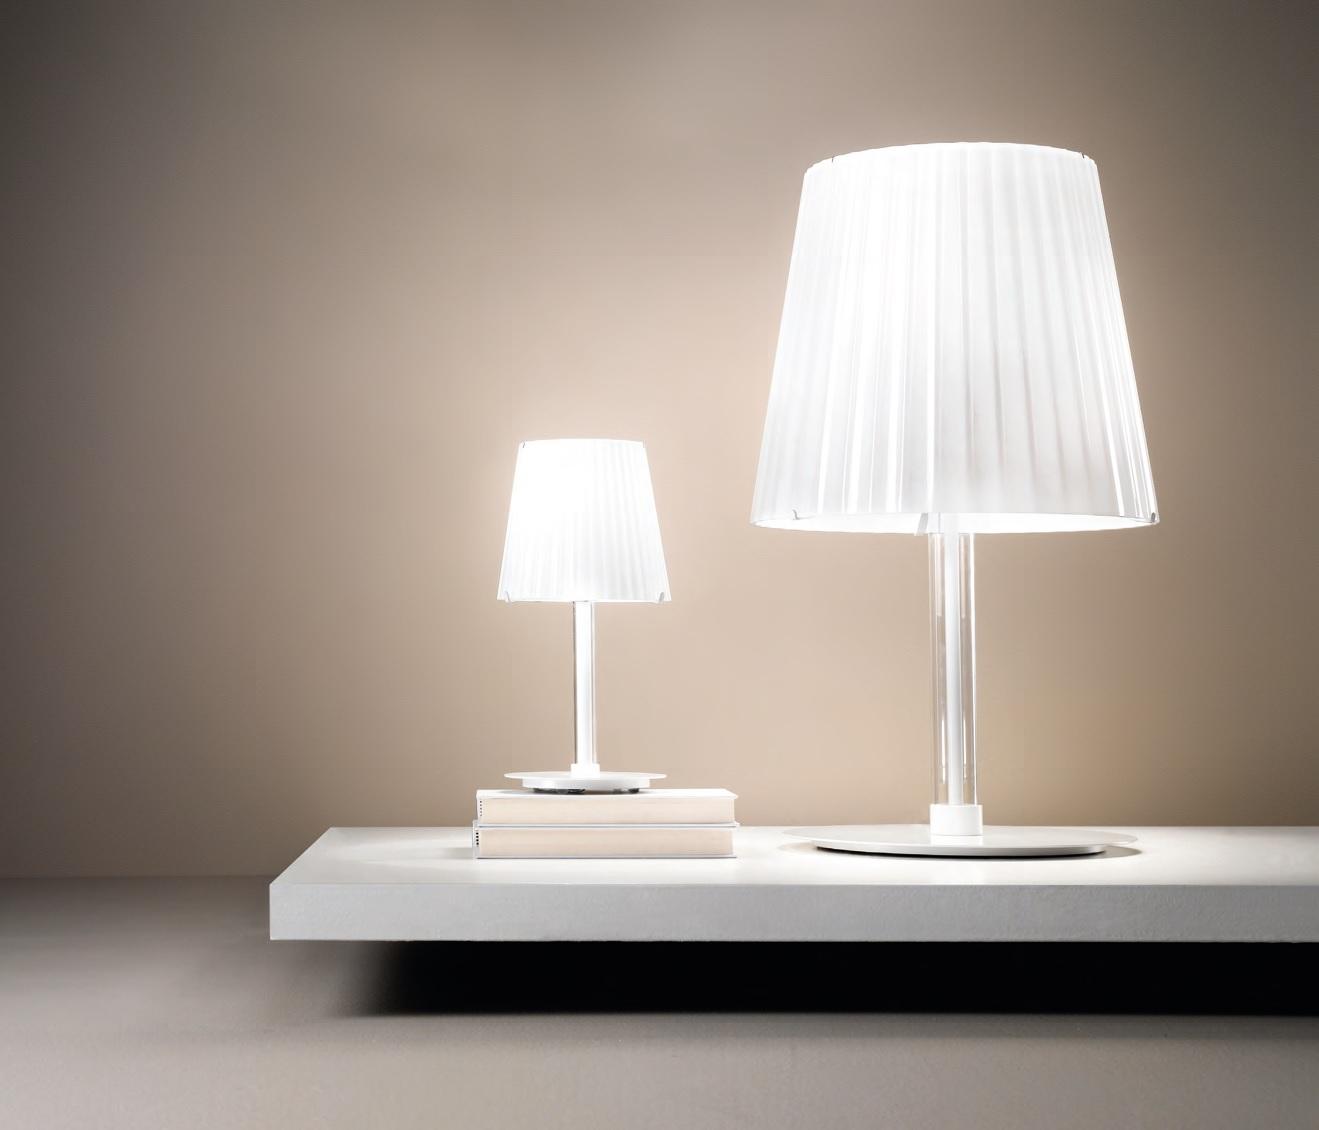 Lampade Artigianali Rame : Lampade artigianali rame balon lamps design ...